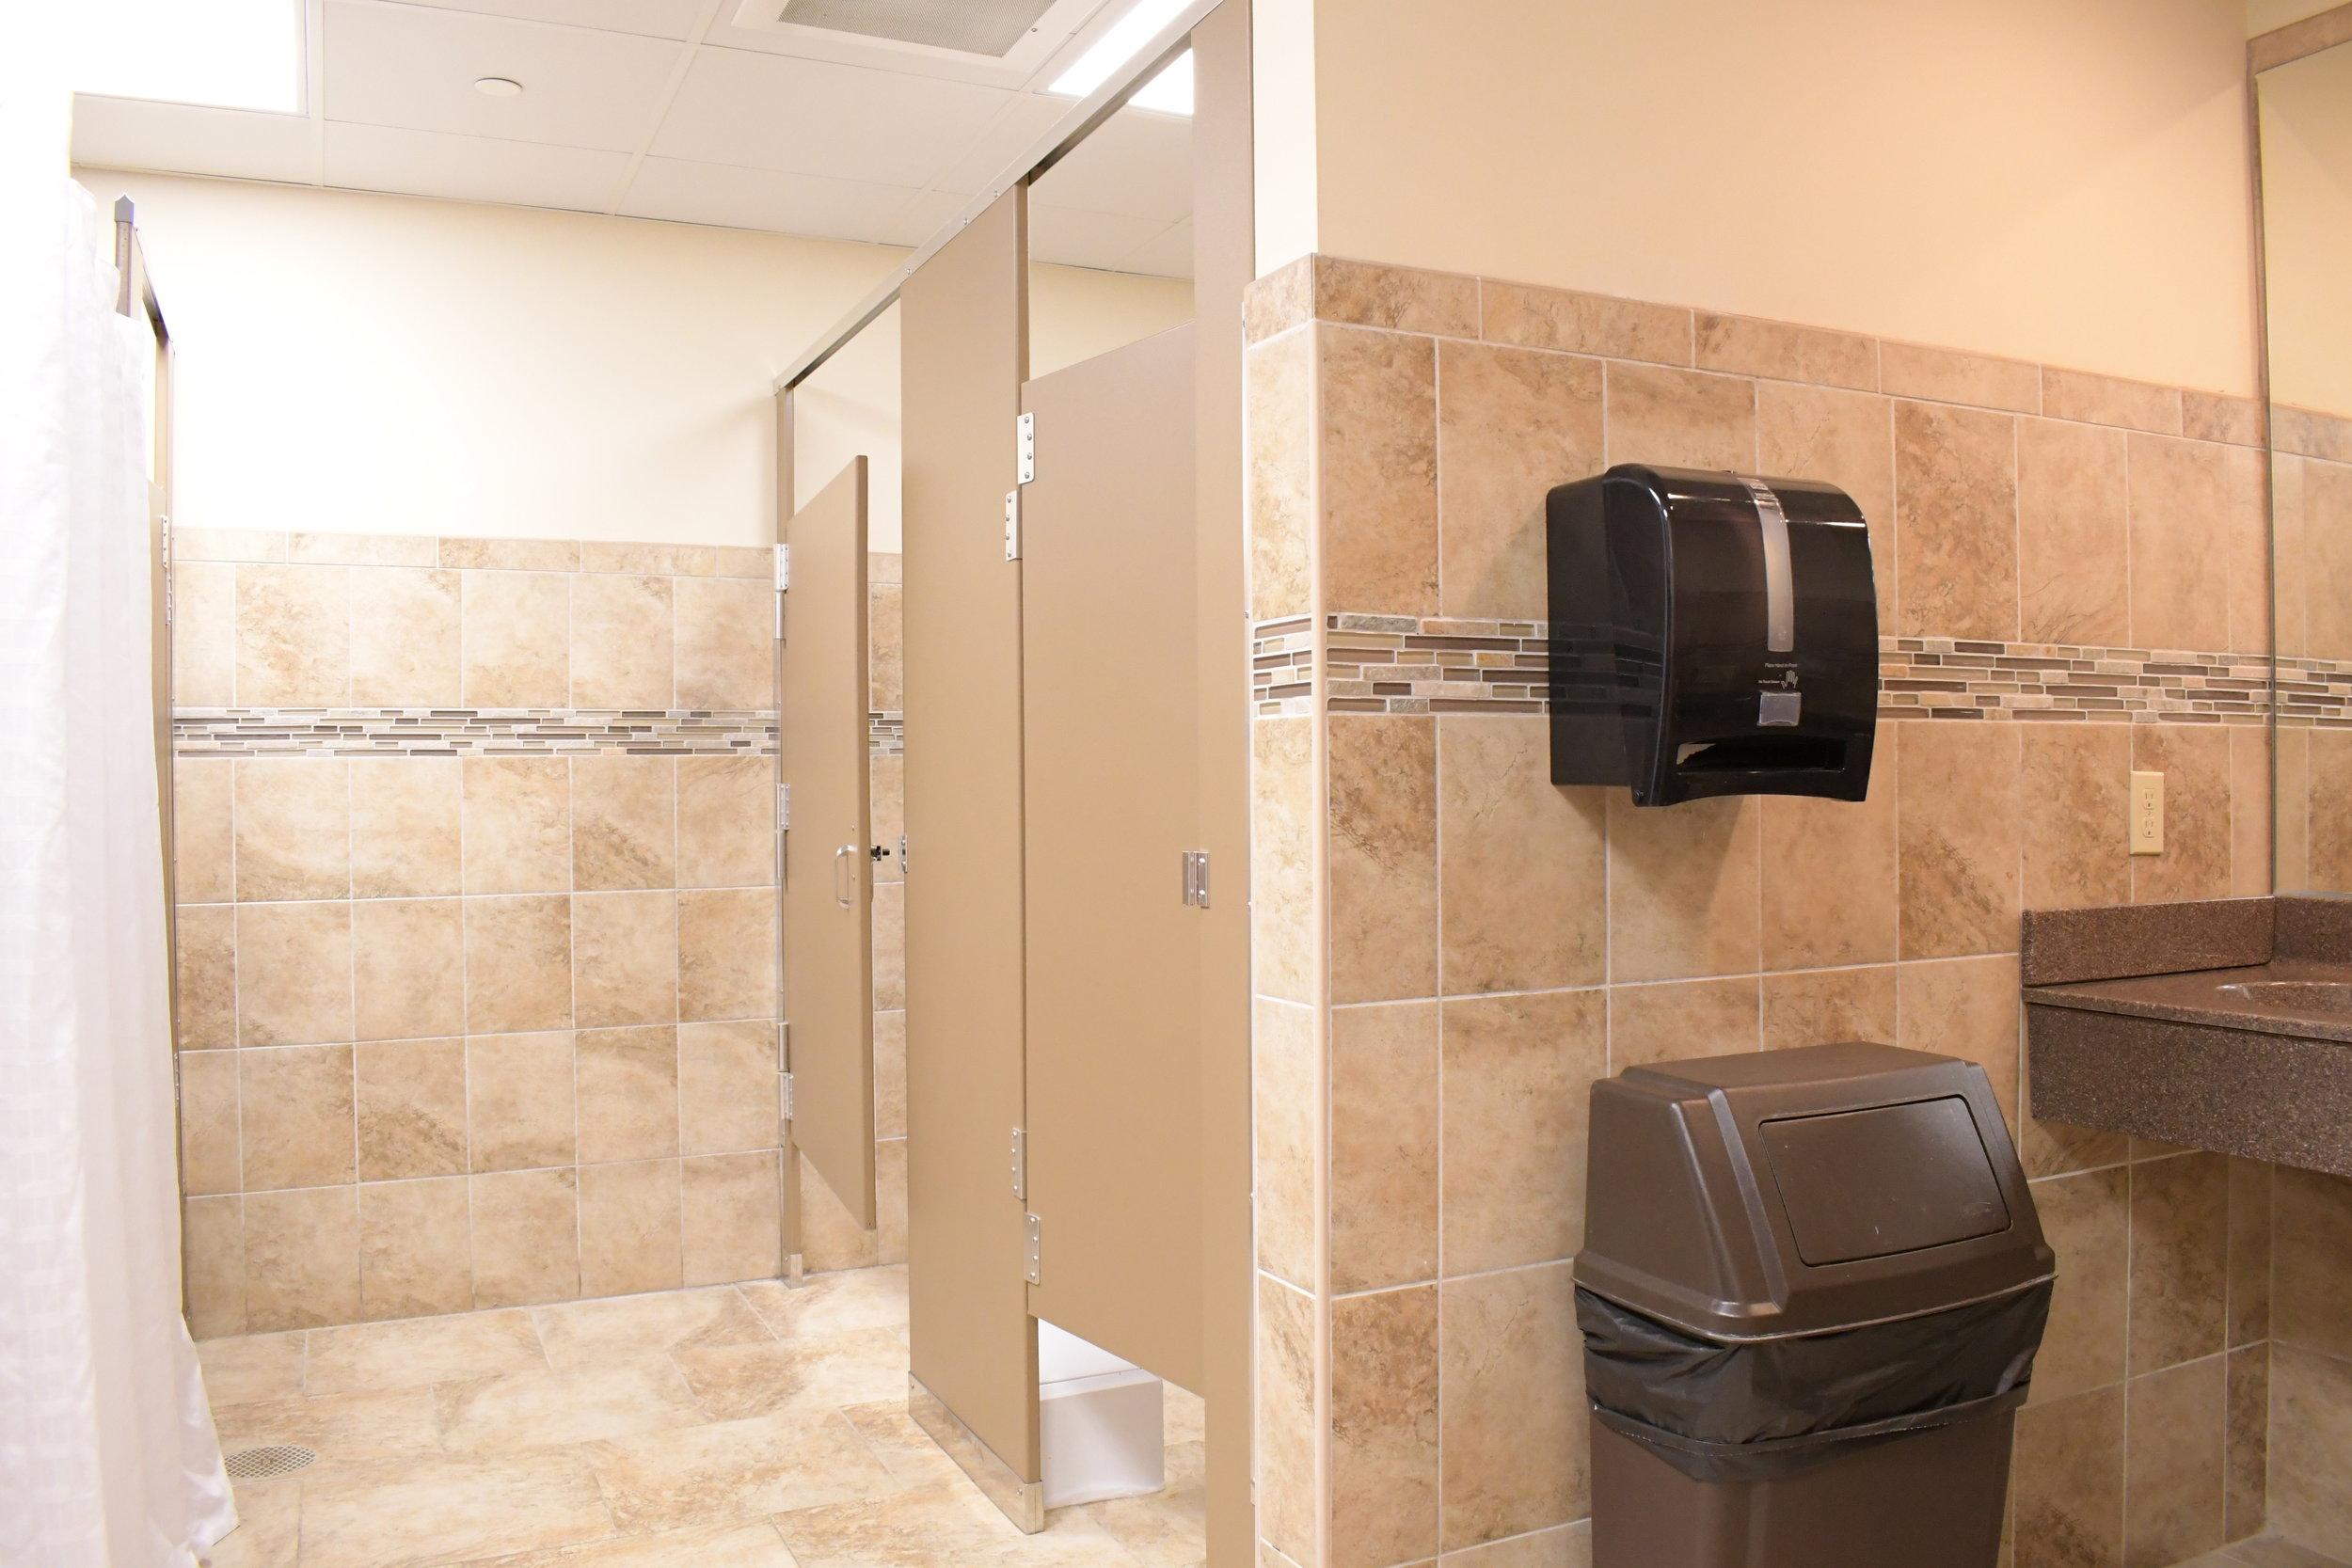 Shared Bathrooms in Overlook